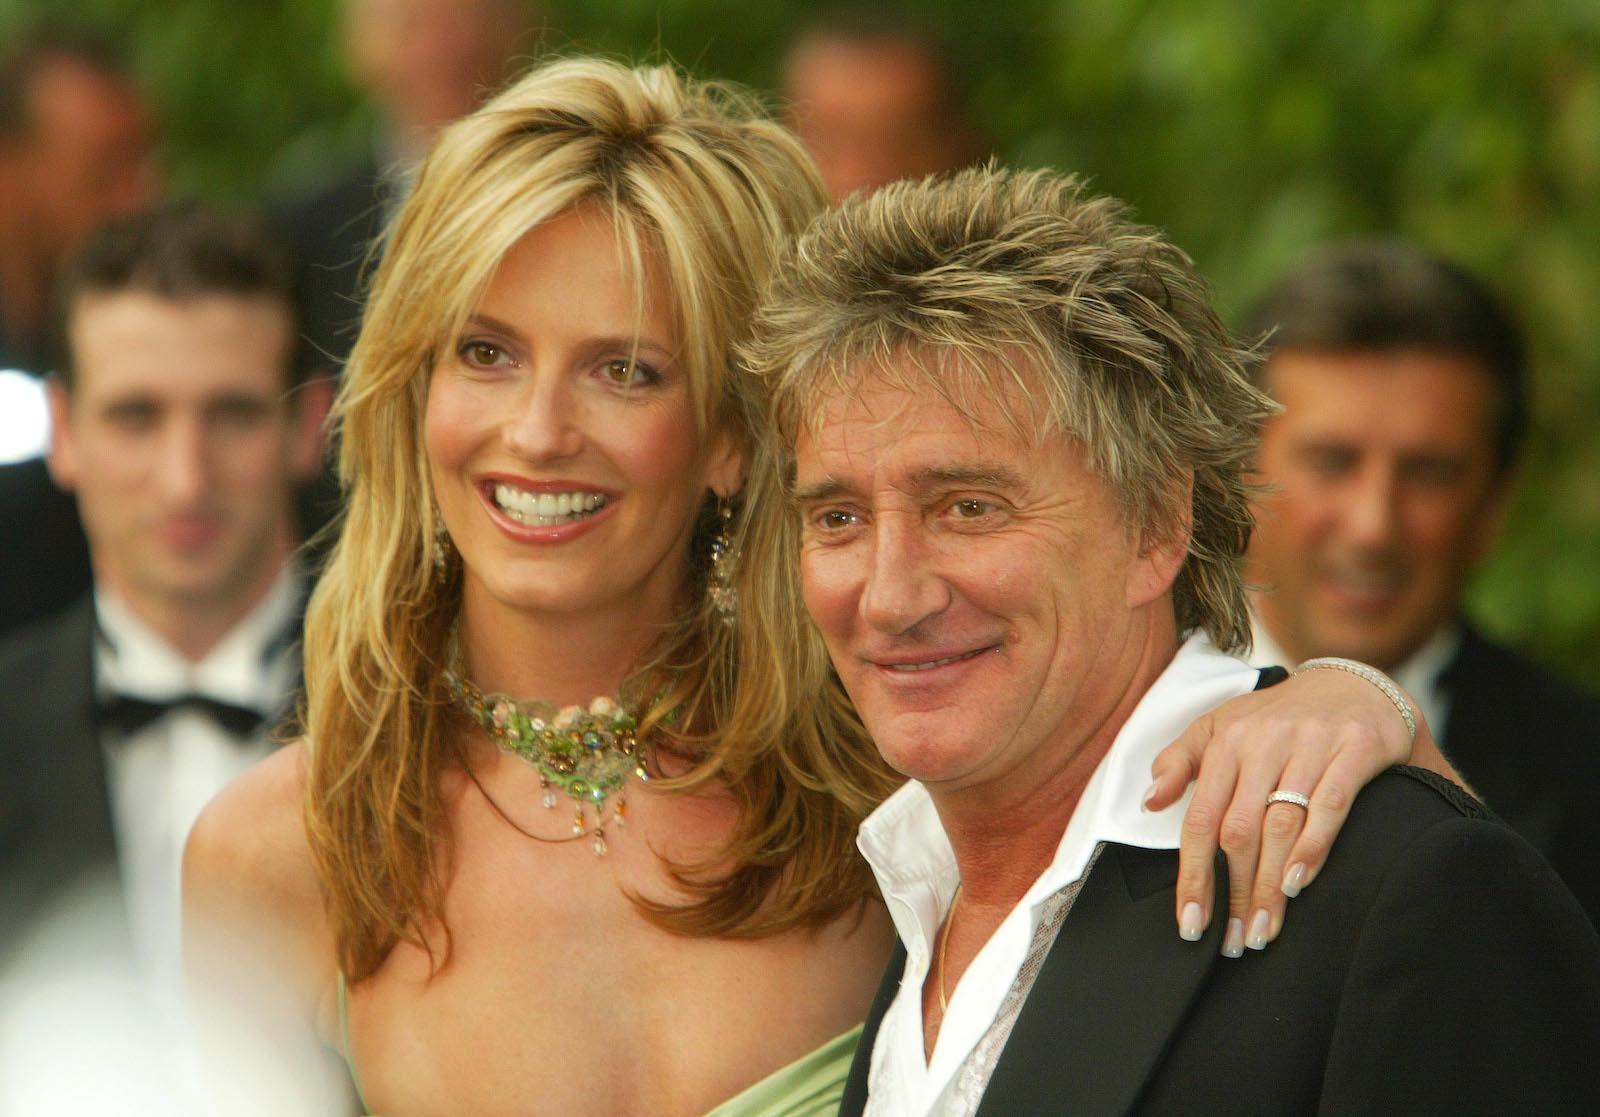 Rocker Rod Stewart Looks Like His Wife's Mom